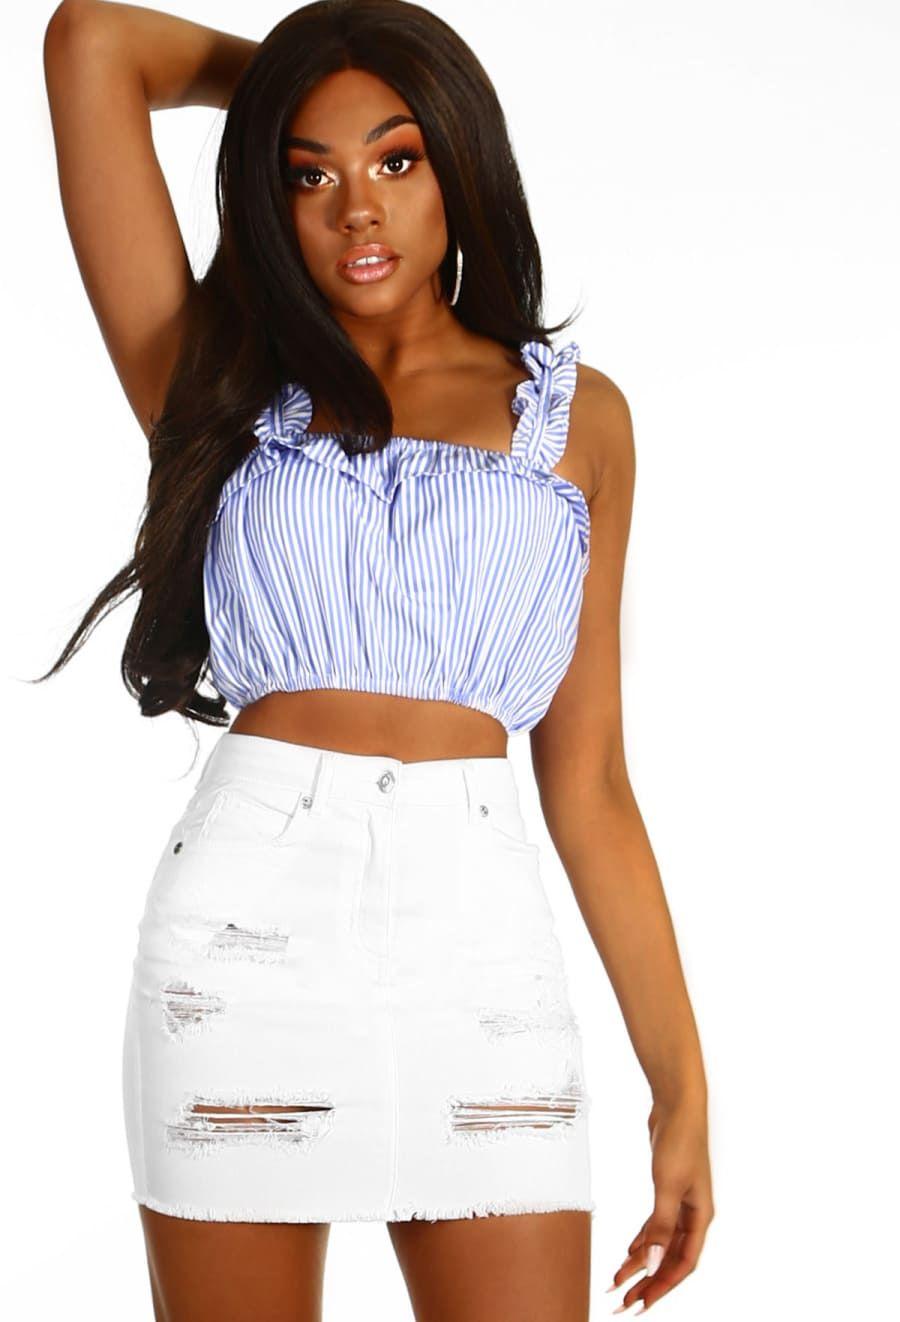 70e7c9534 Foolish White Distressed Denim Mini Skirt - 6   Denim skirt outfits ...